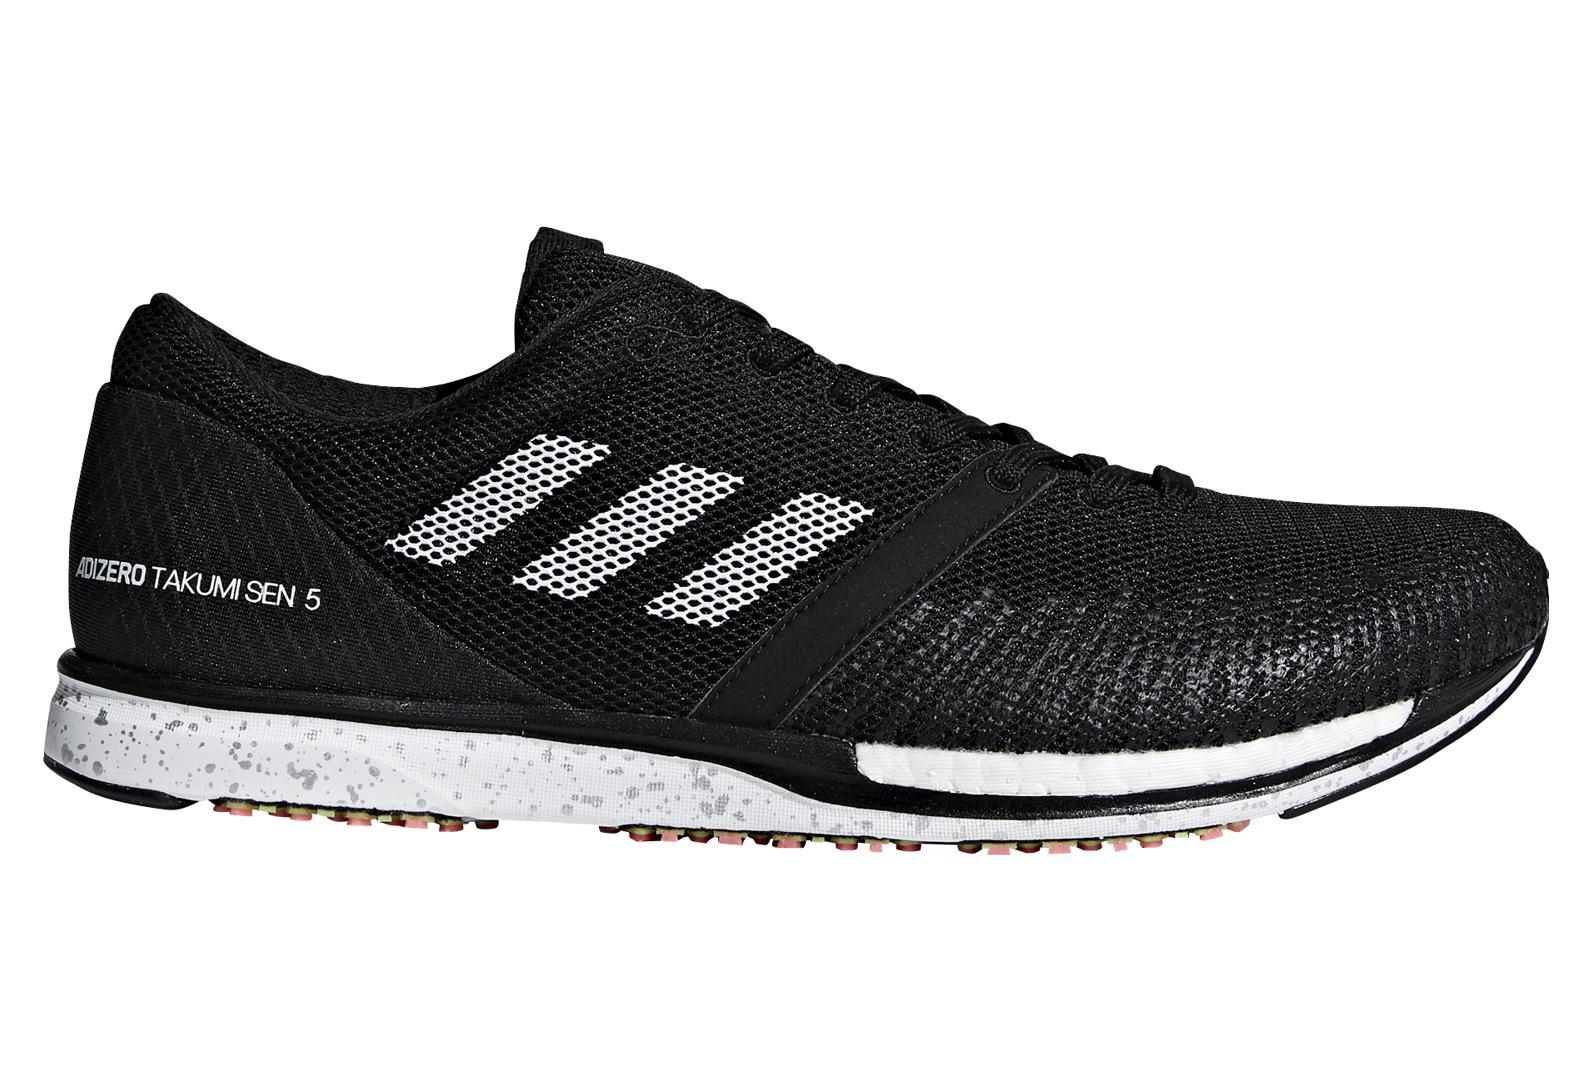 f589300b656 Adidas ADIZERO TAKUMI SEN 5 Shoes Black